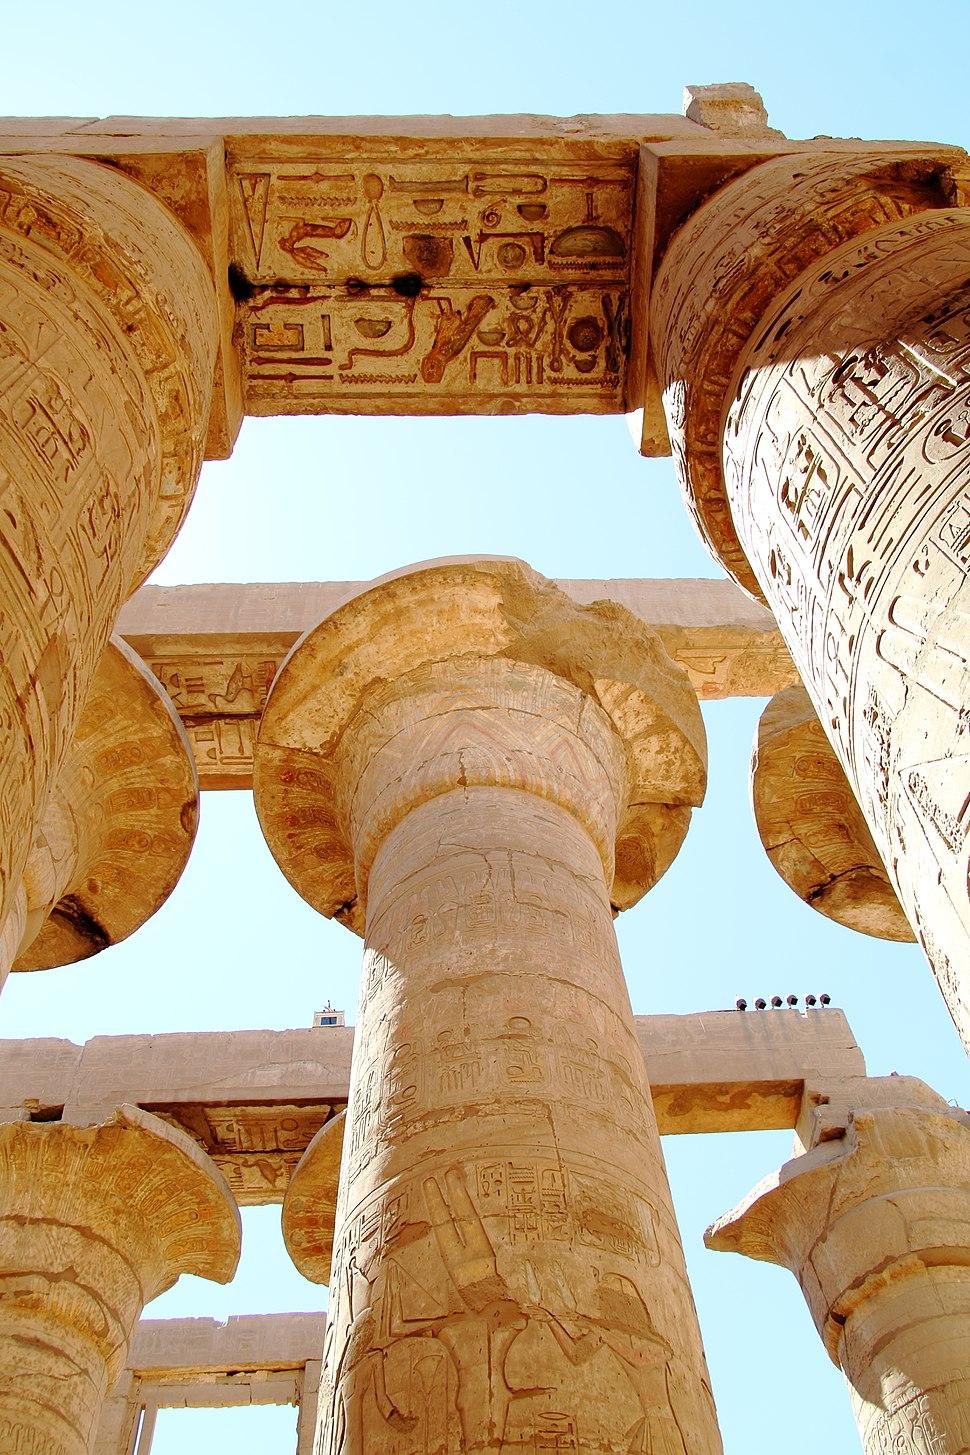 Luxor Karnak-Tempel 2016-03-21 Große Säulenhalle 04